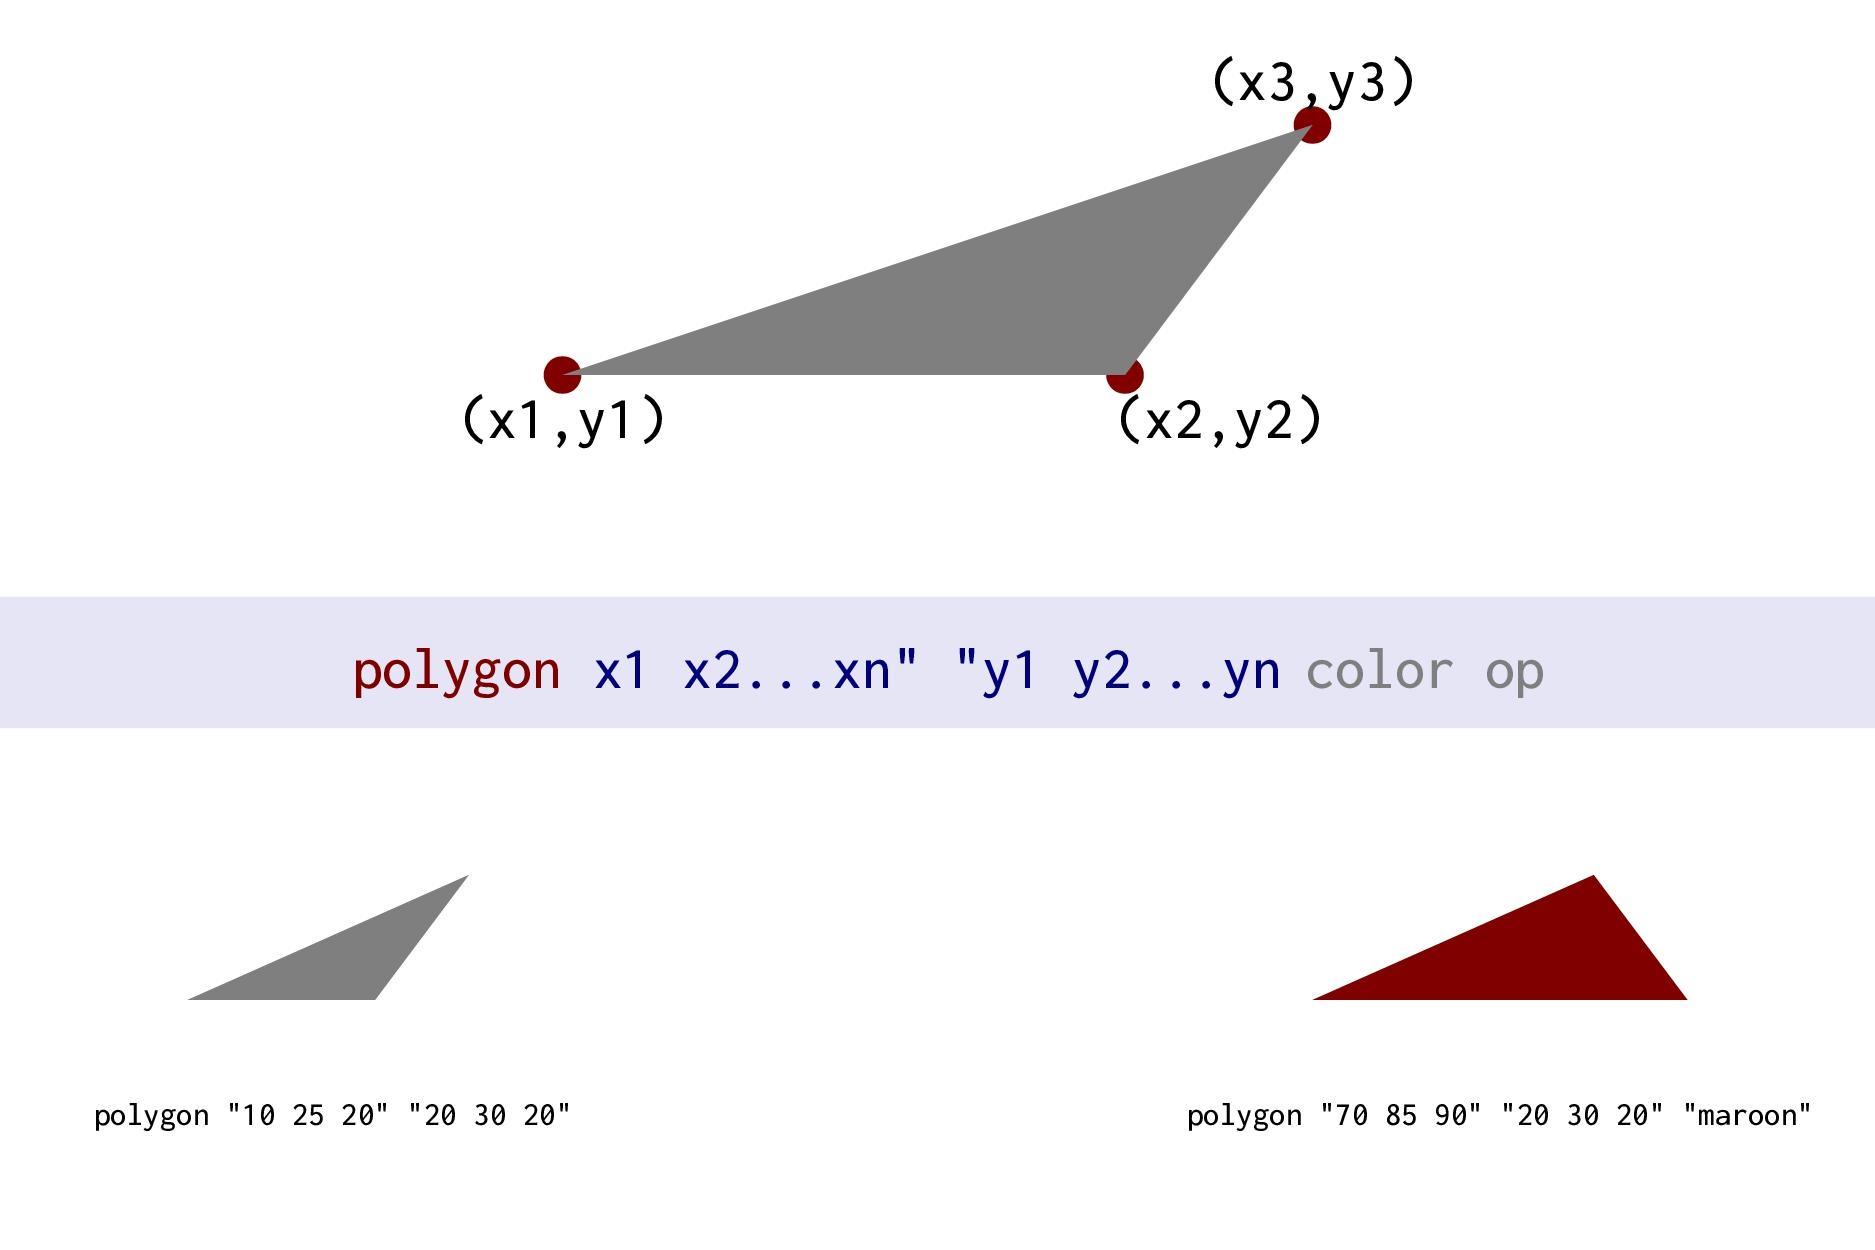 rbrace x y h bw bh [lw] [color] [op] (x,y) bw b...